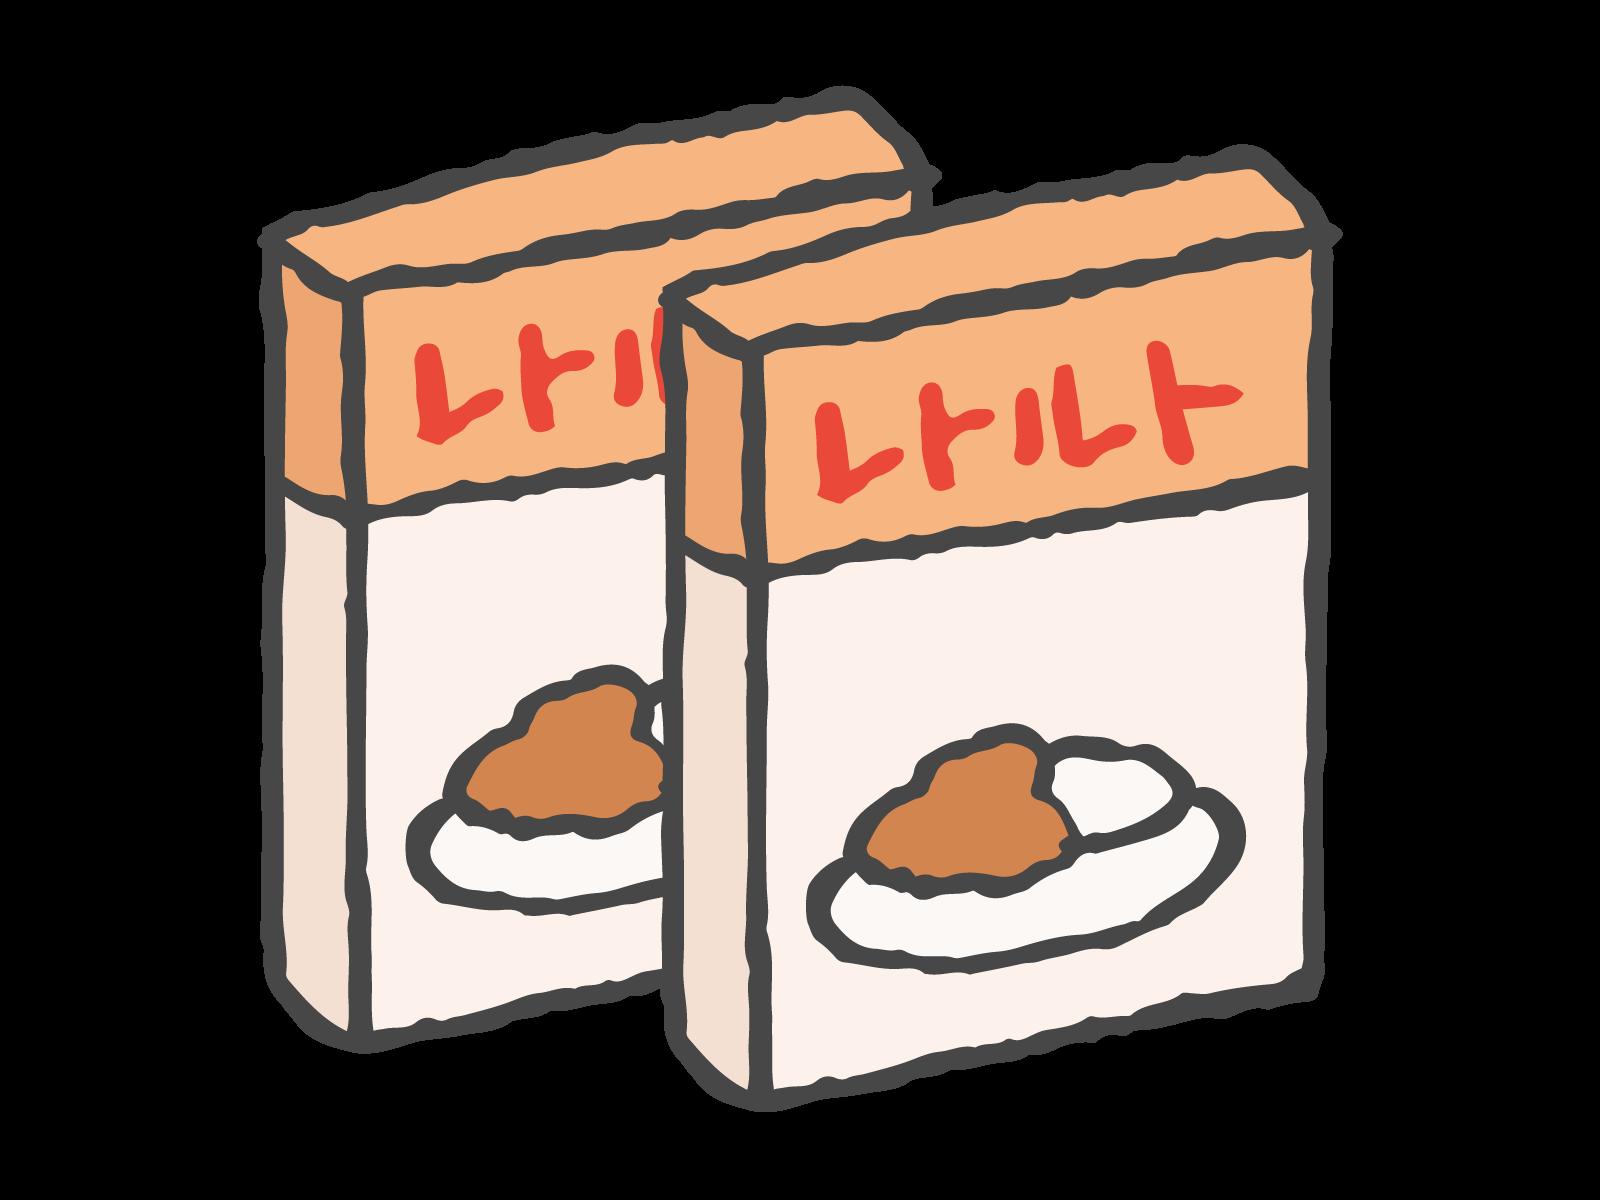 賞味期限特集の第二弾は缶詰やレトルトやインスタントラーメンに乾物の巻!